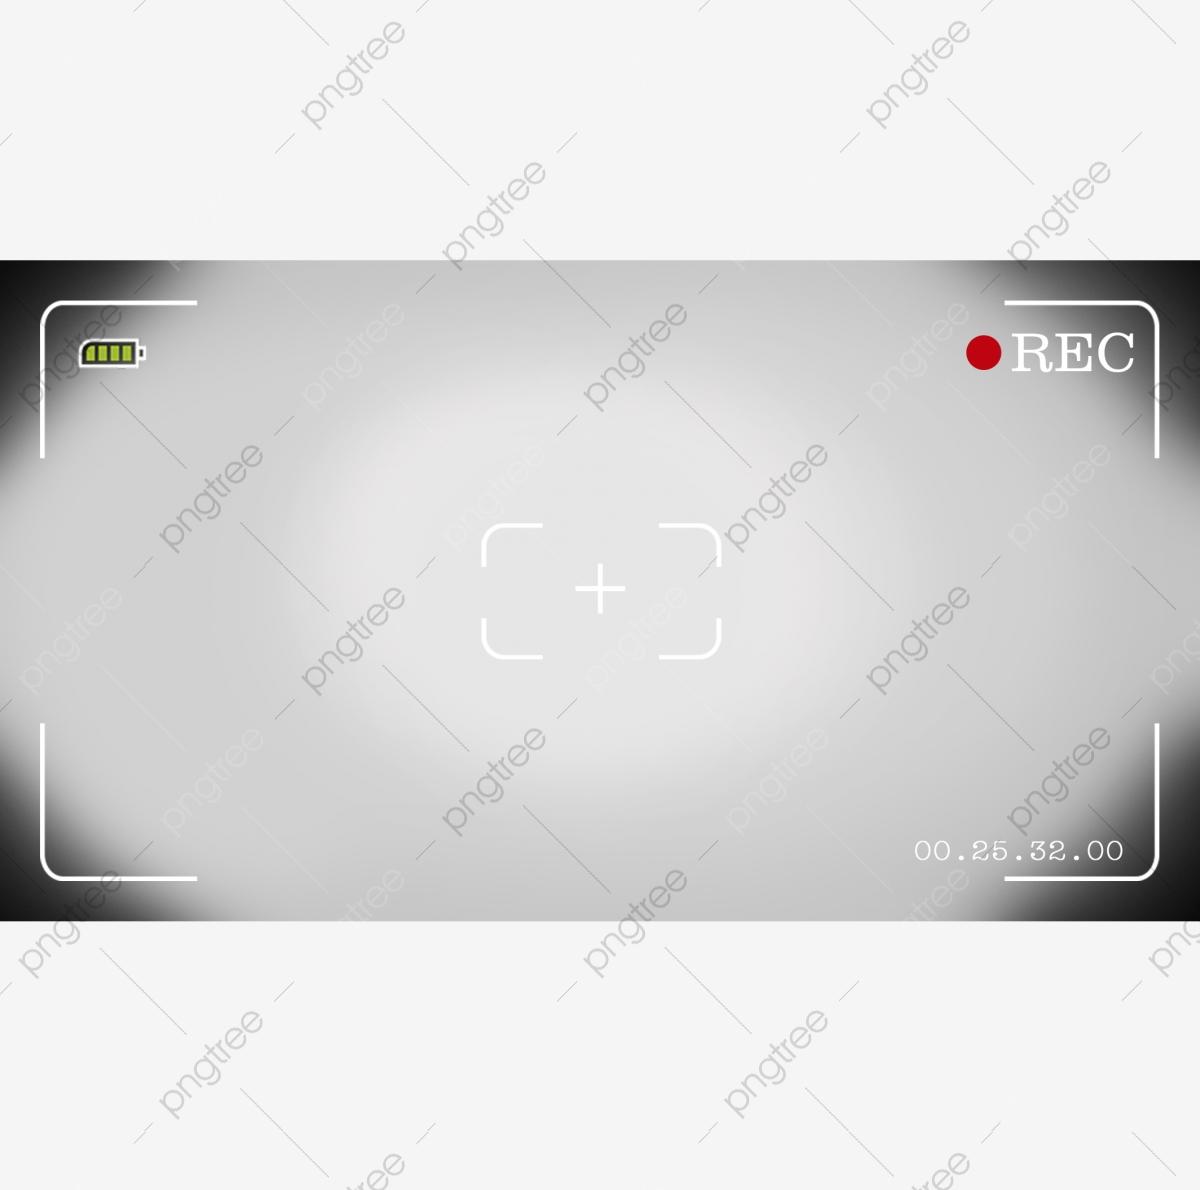 Rec Camera, Rec, Camera PNG Transparent Clipart Image and.